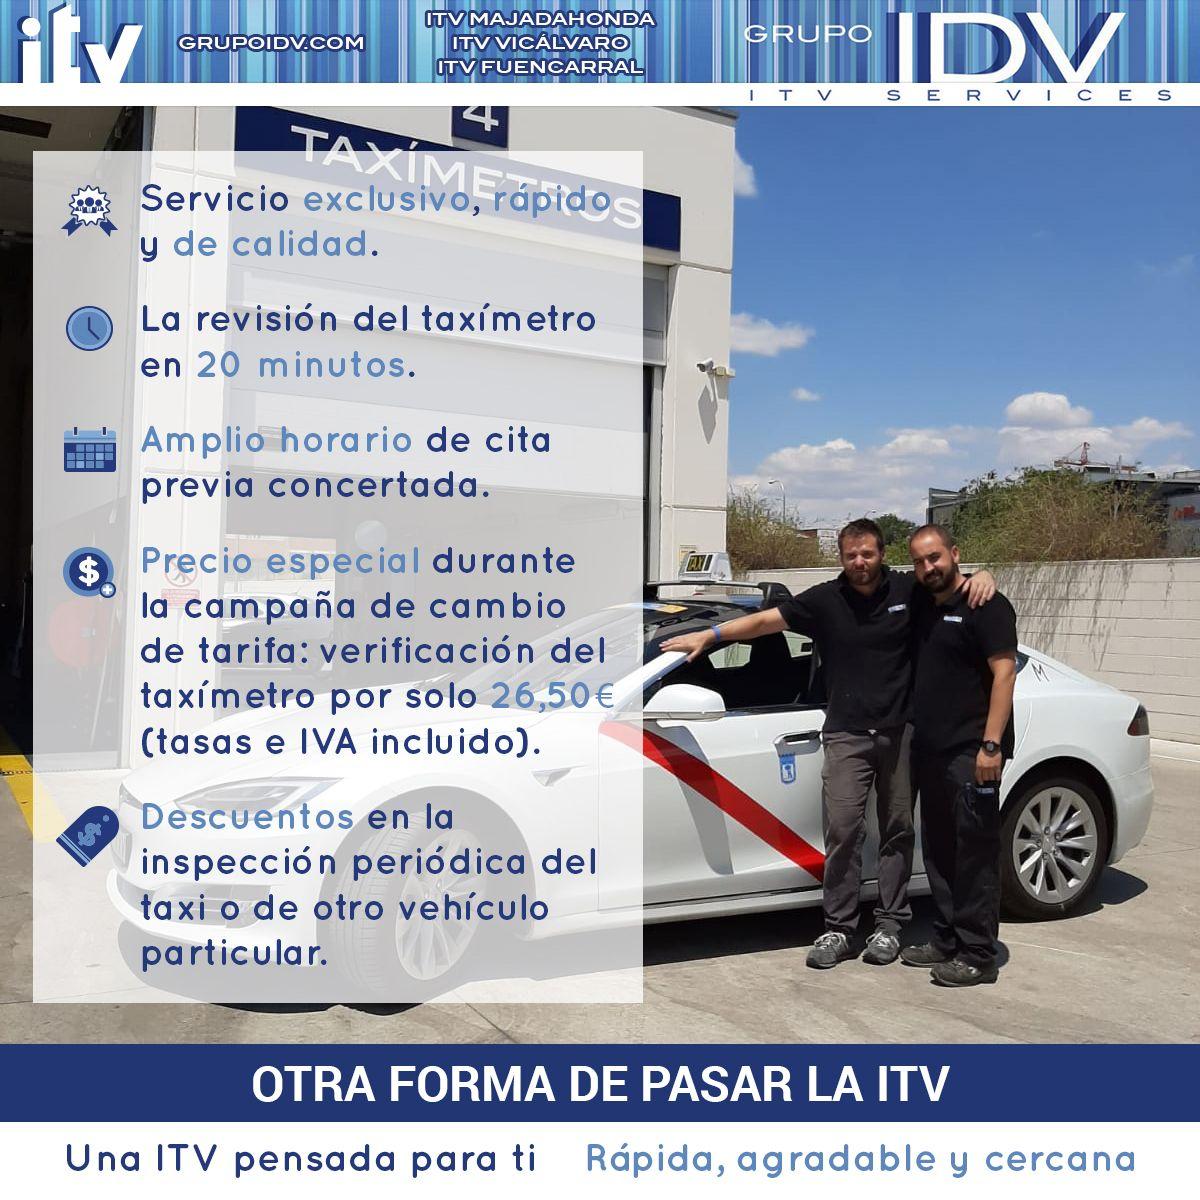 Fotografia Ventajas de la inspección del taxímetro en GRUPO IDV-ITV